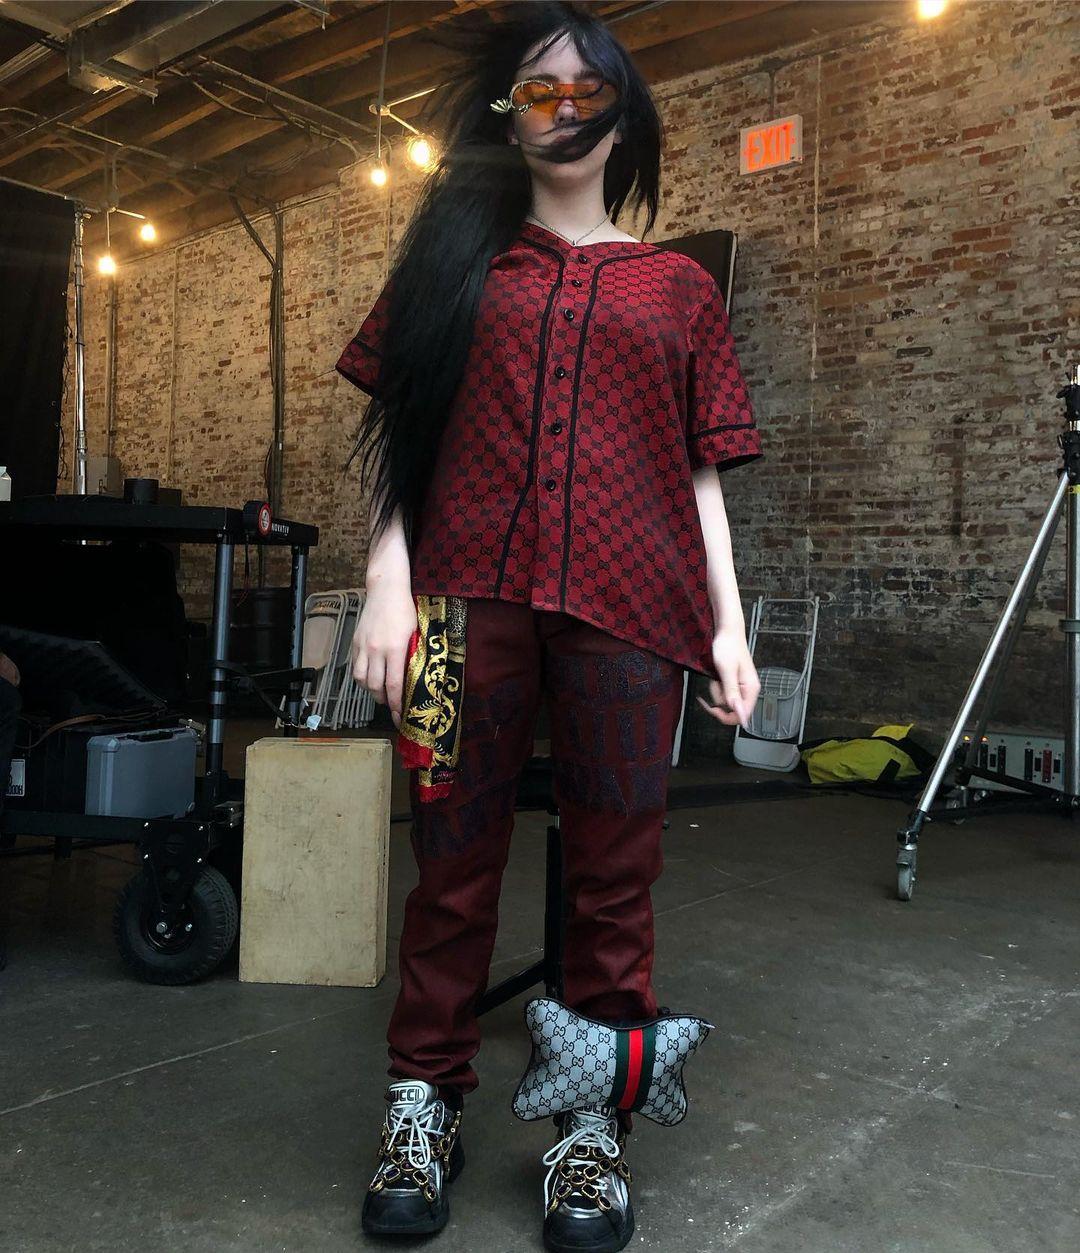 Billie-Eilish-Wallpapers-Insta-Fit-Bio-10